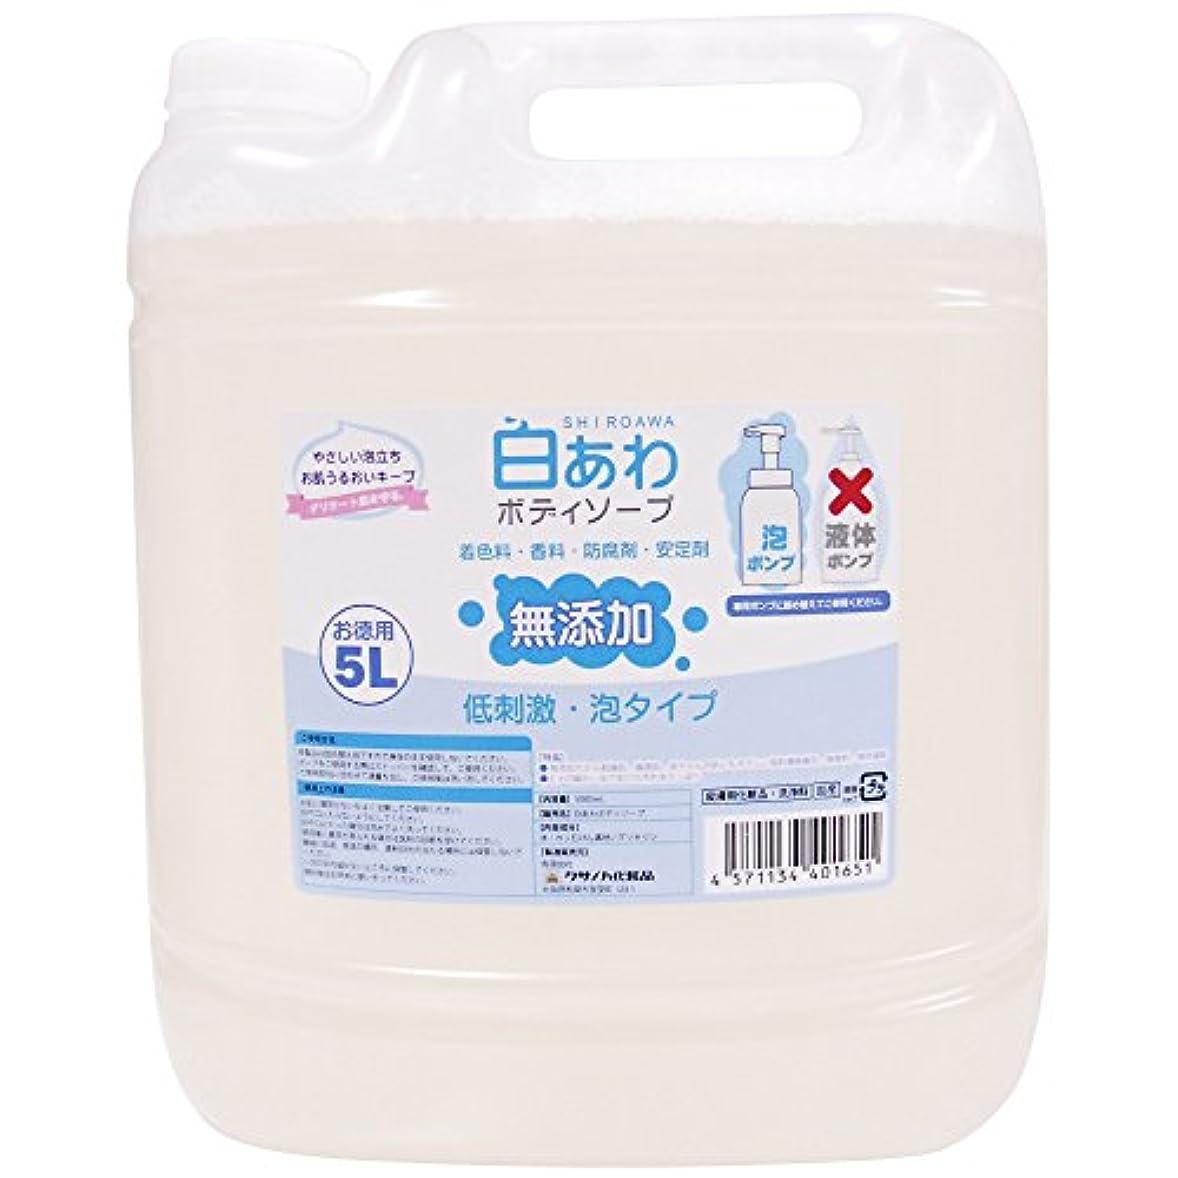 性差別人物【無添加】白あわボディソープ 詰替用 5L